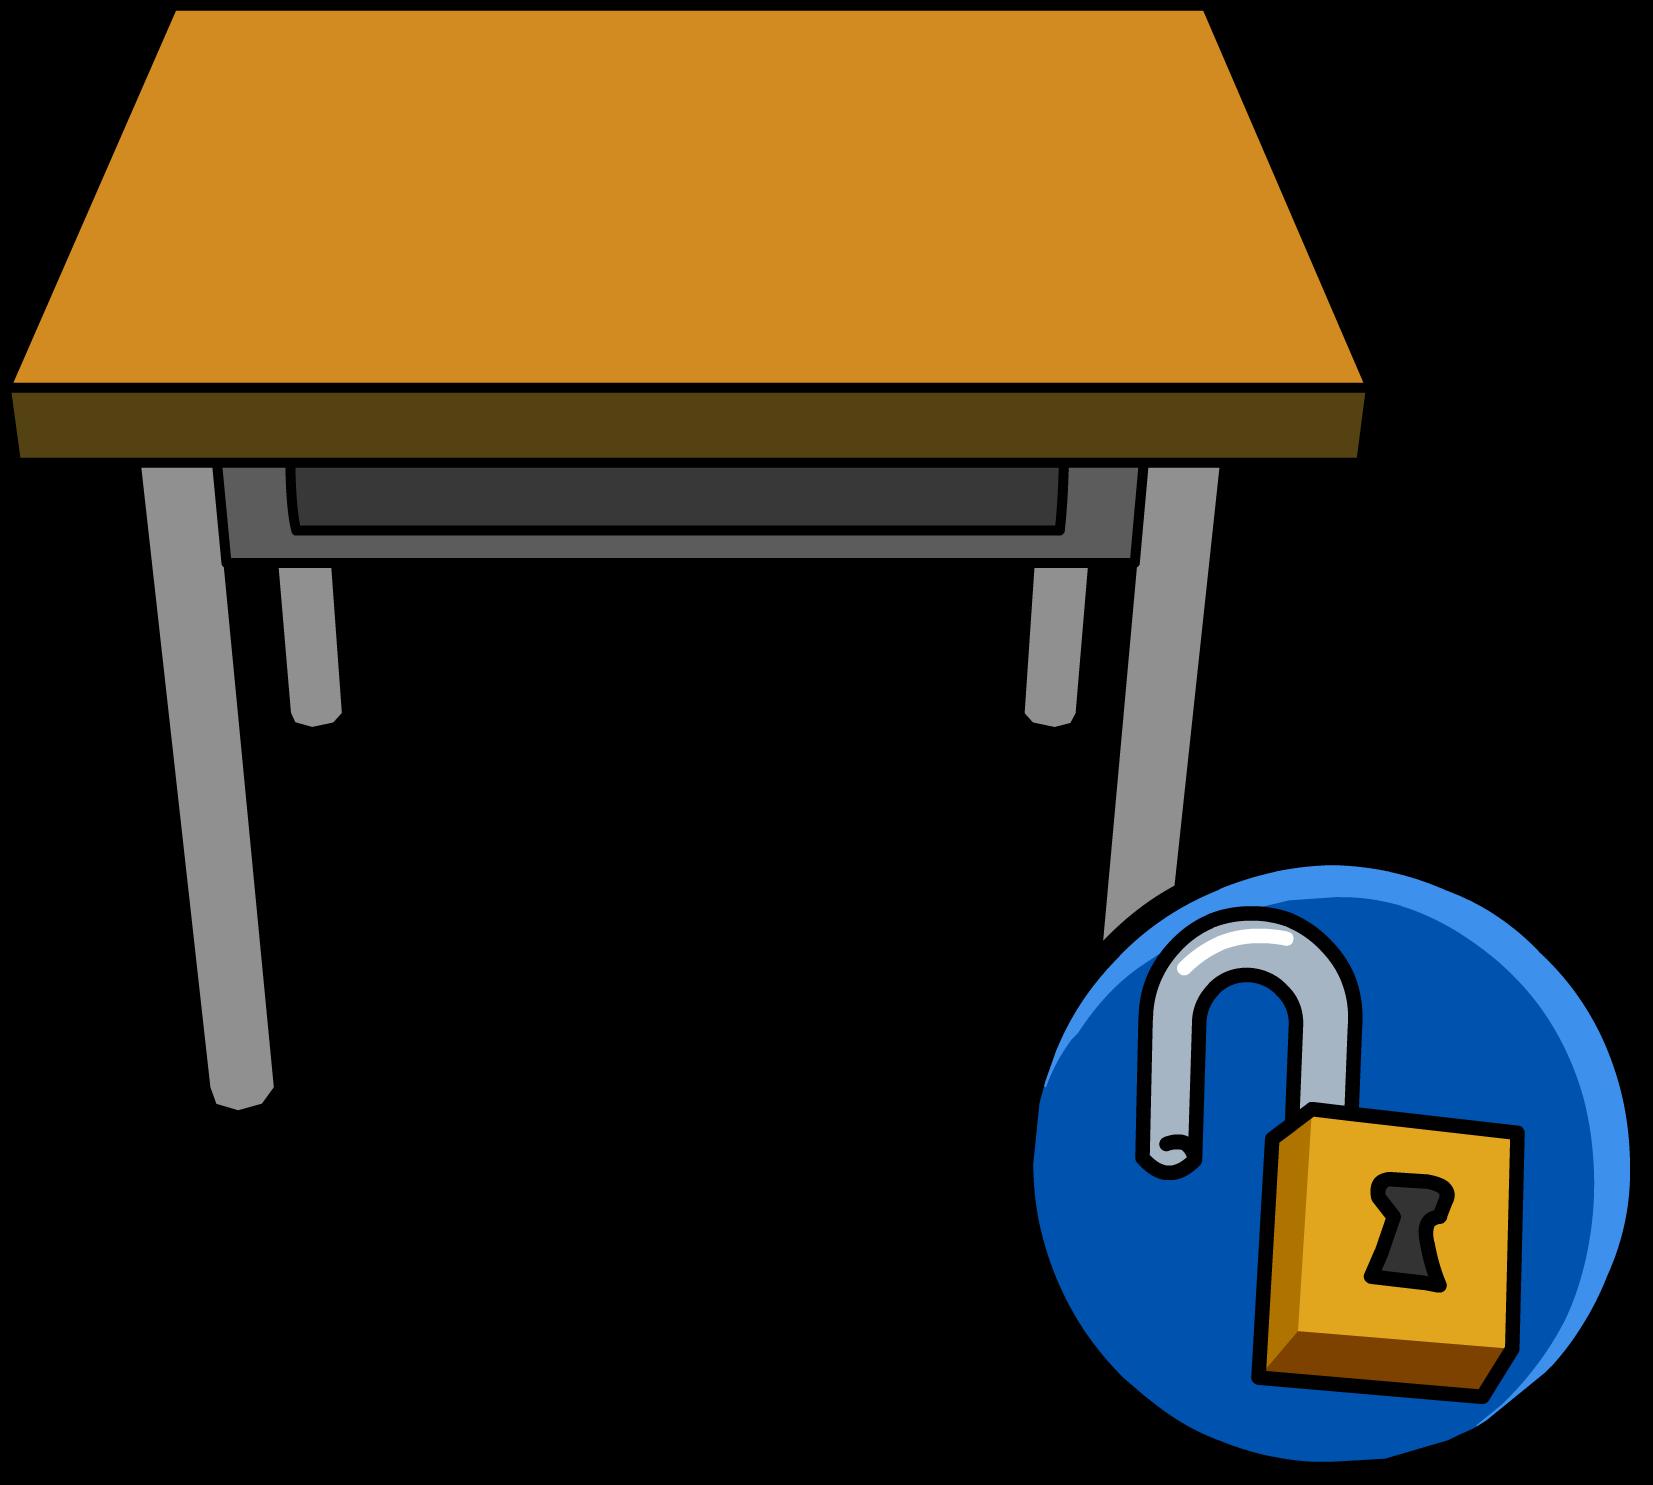 classroom desk clipart. classroom desk unlockable icon.png clipart